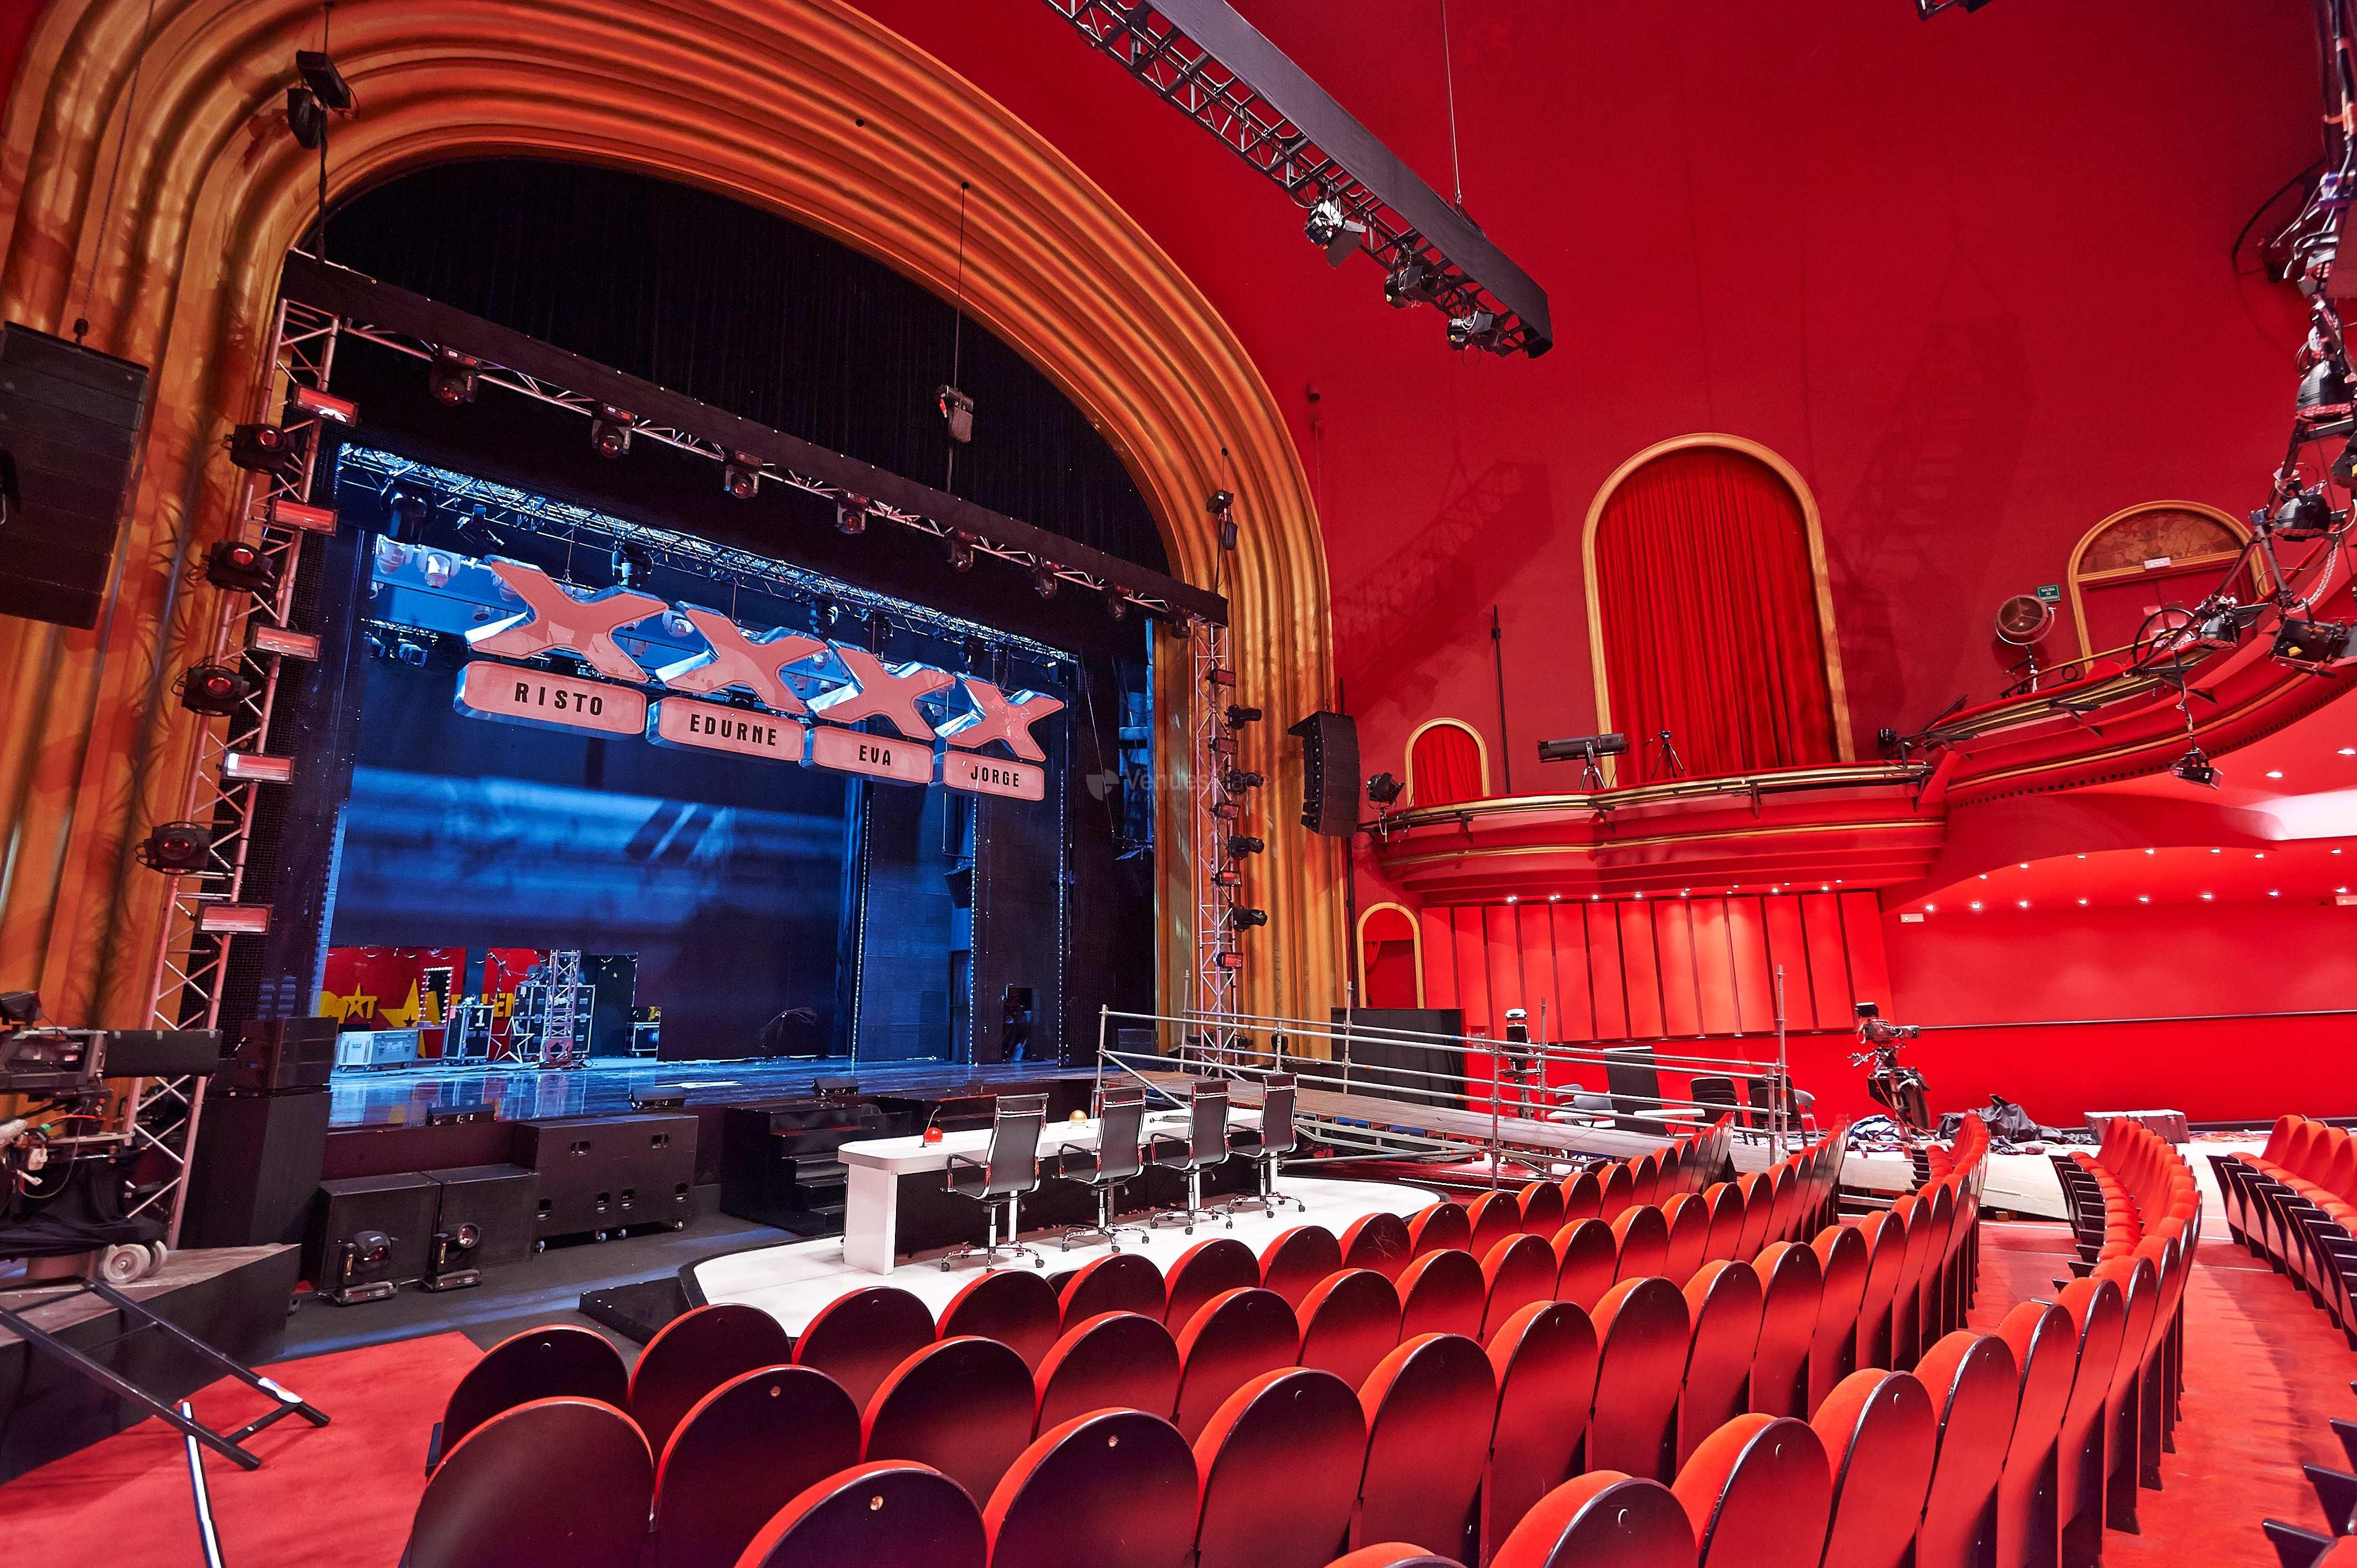 Teatro coliseum eventos corporativos venuesplace - Teatro coliseum madrid interior ...